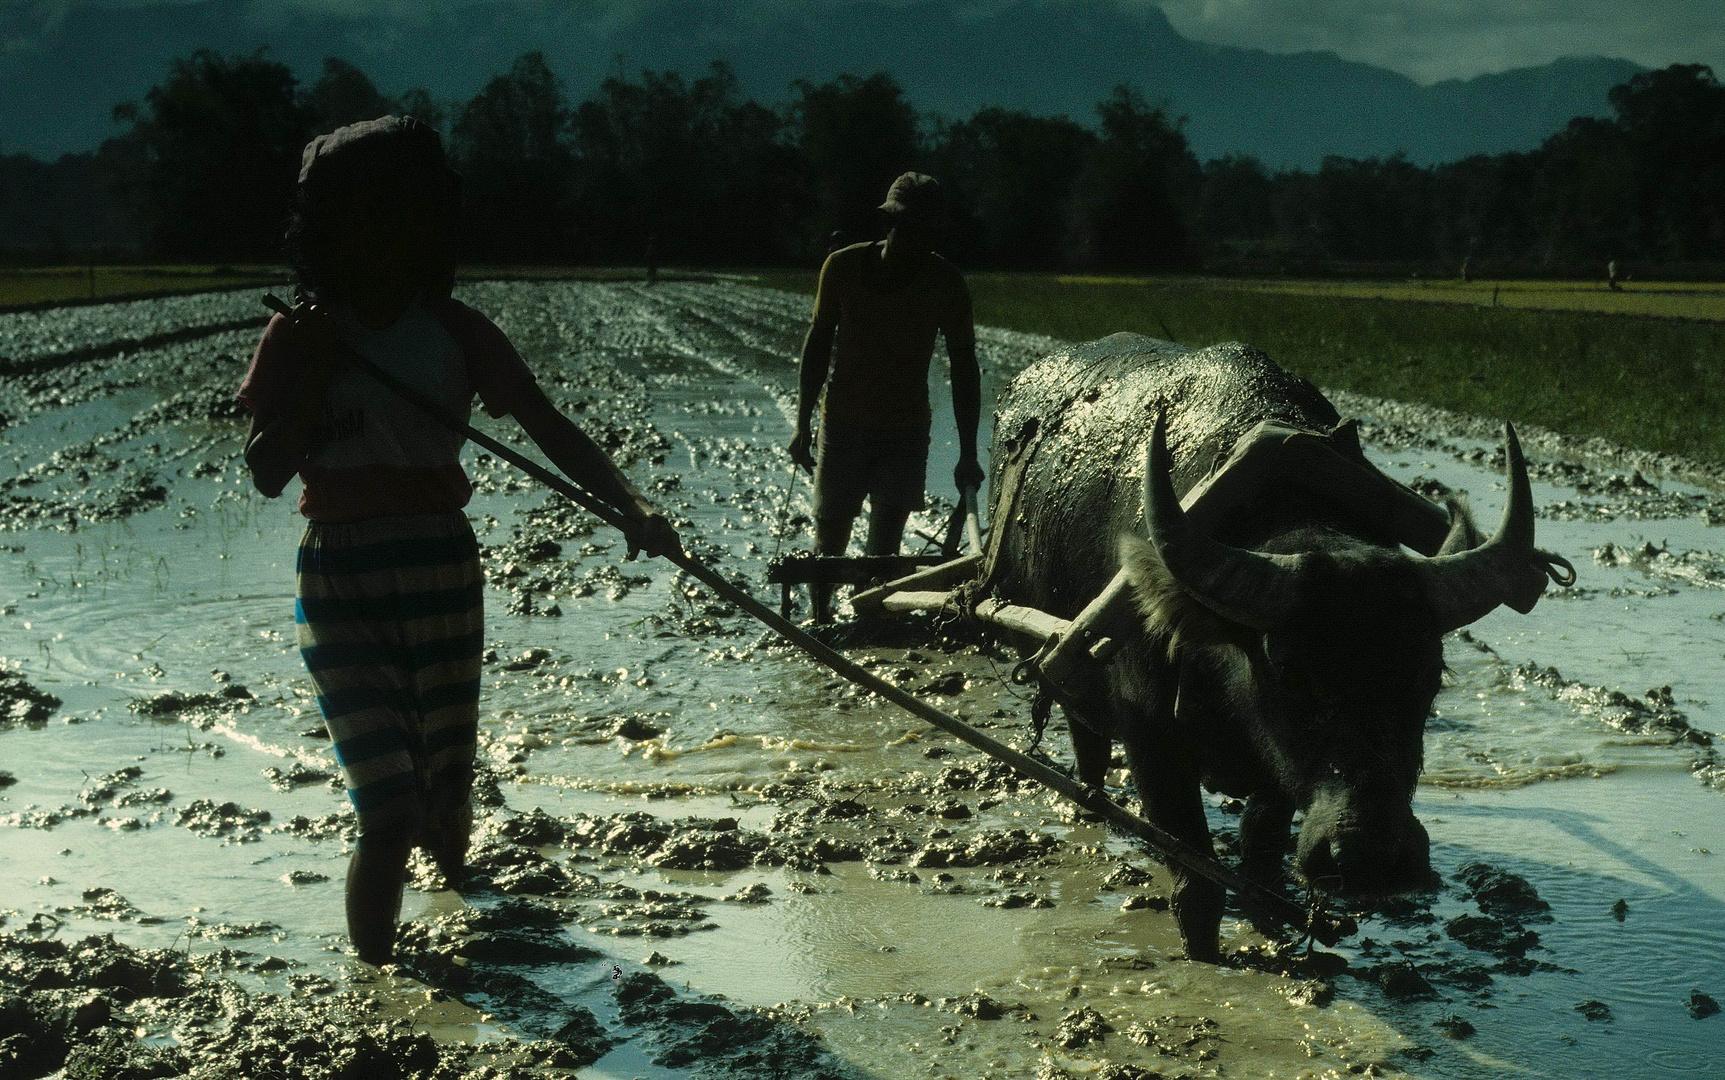 Sumatra - Reisbauern und Wasserbüffel